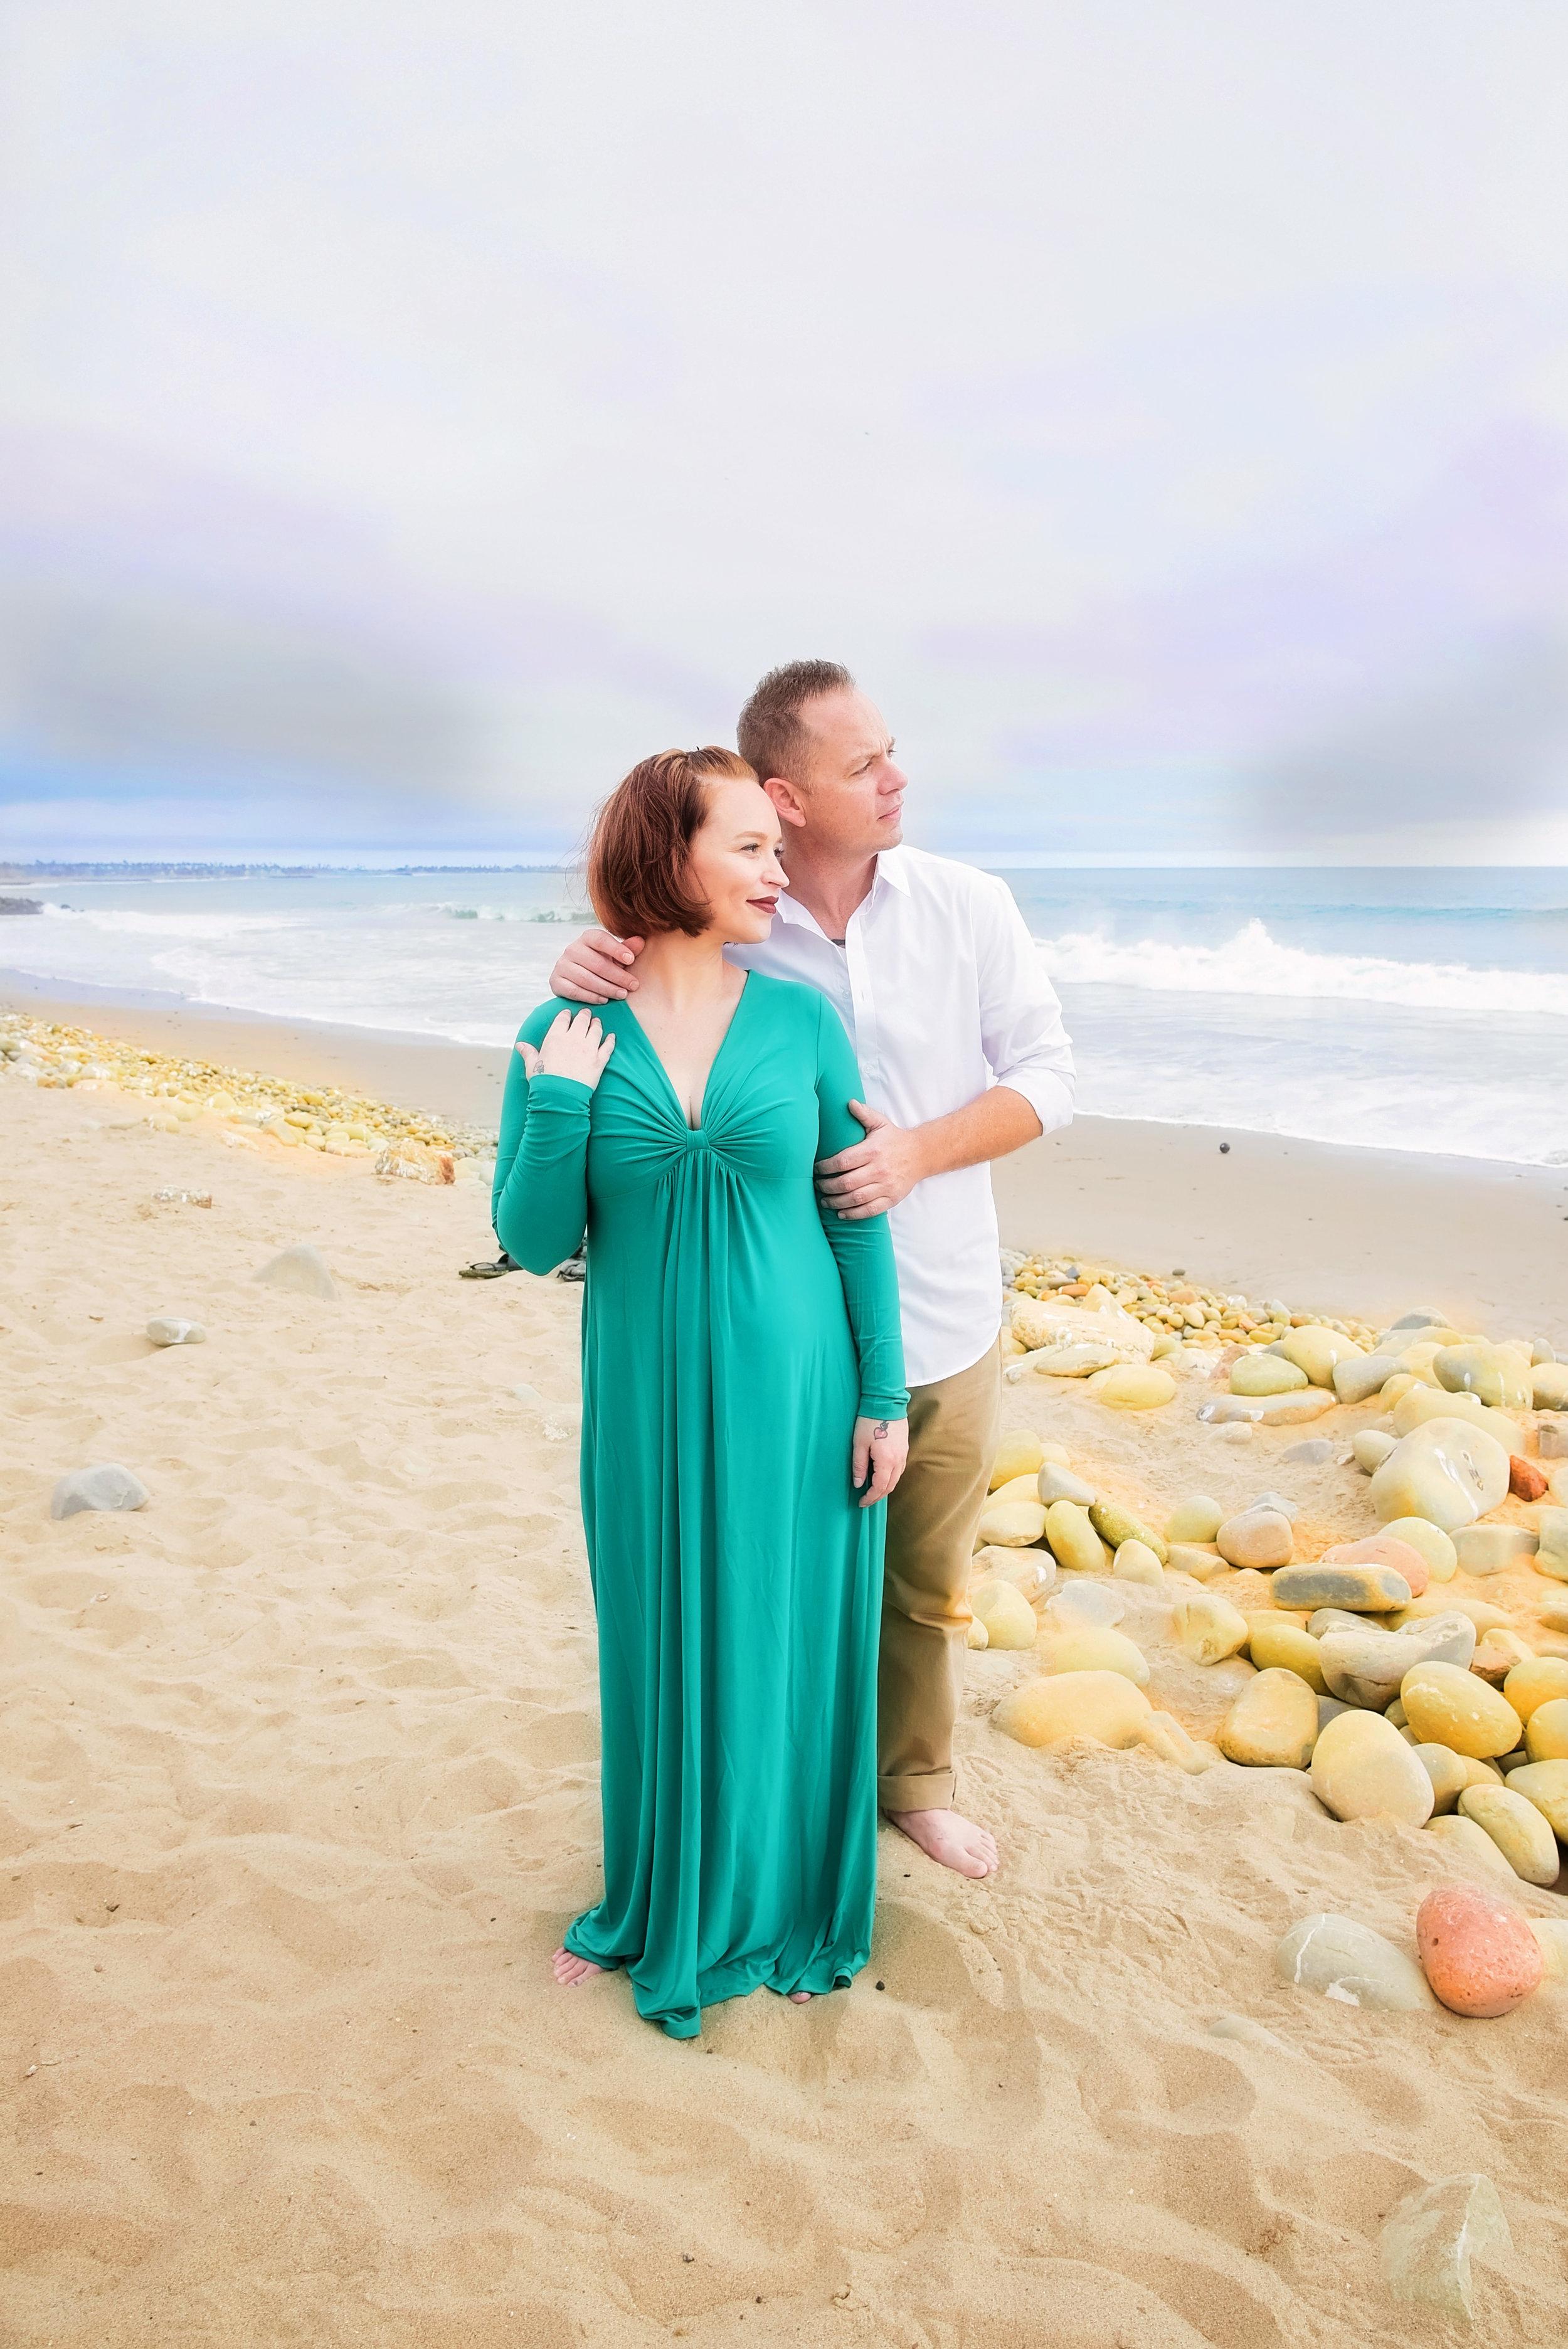 Couple at Beach | Washington DC Photographer | Wedding Lifestyle & Fashion Photographer